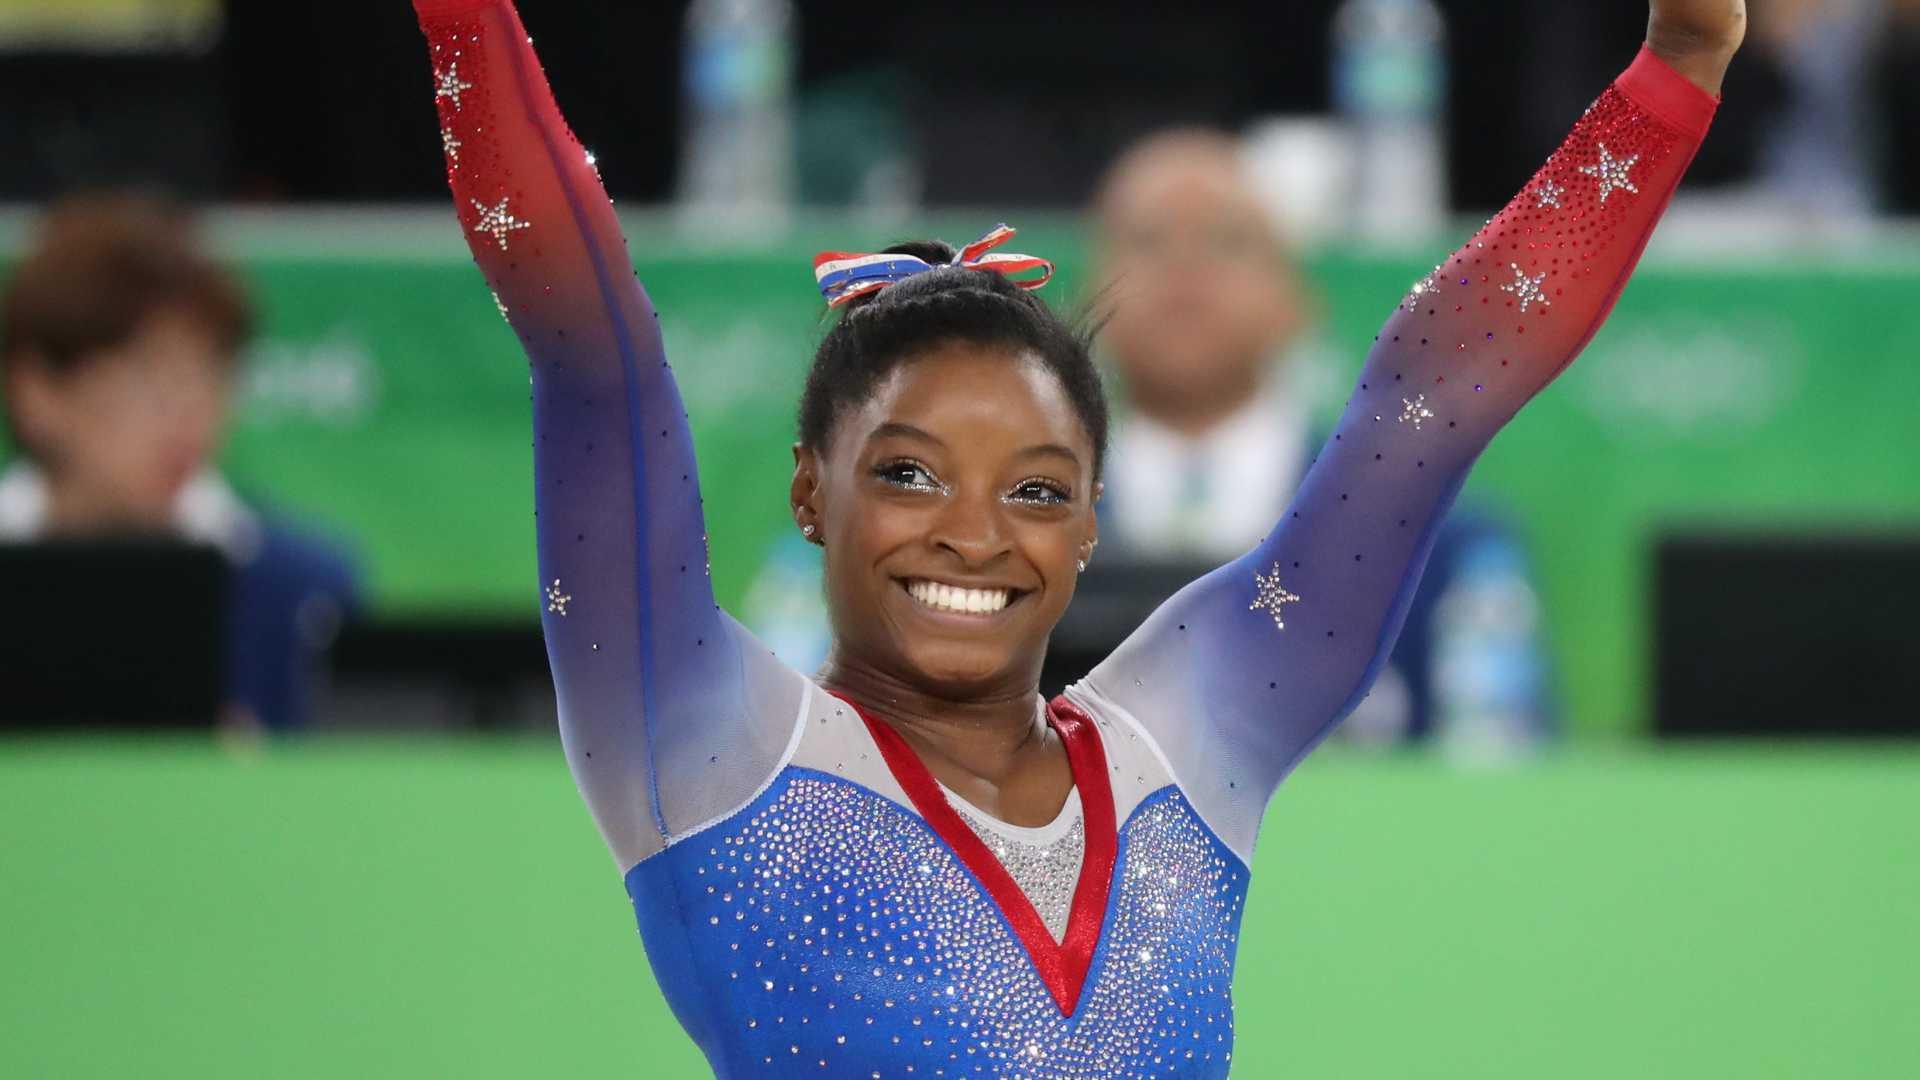 - Simone Biles - Simone Biles conquista inédito tetracampeonato mundial de ginástica